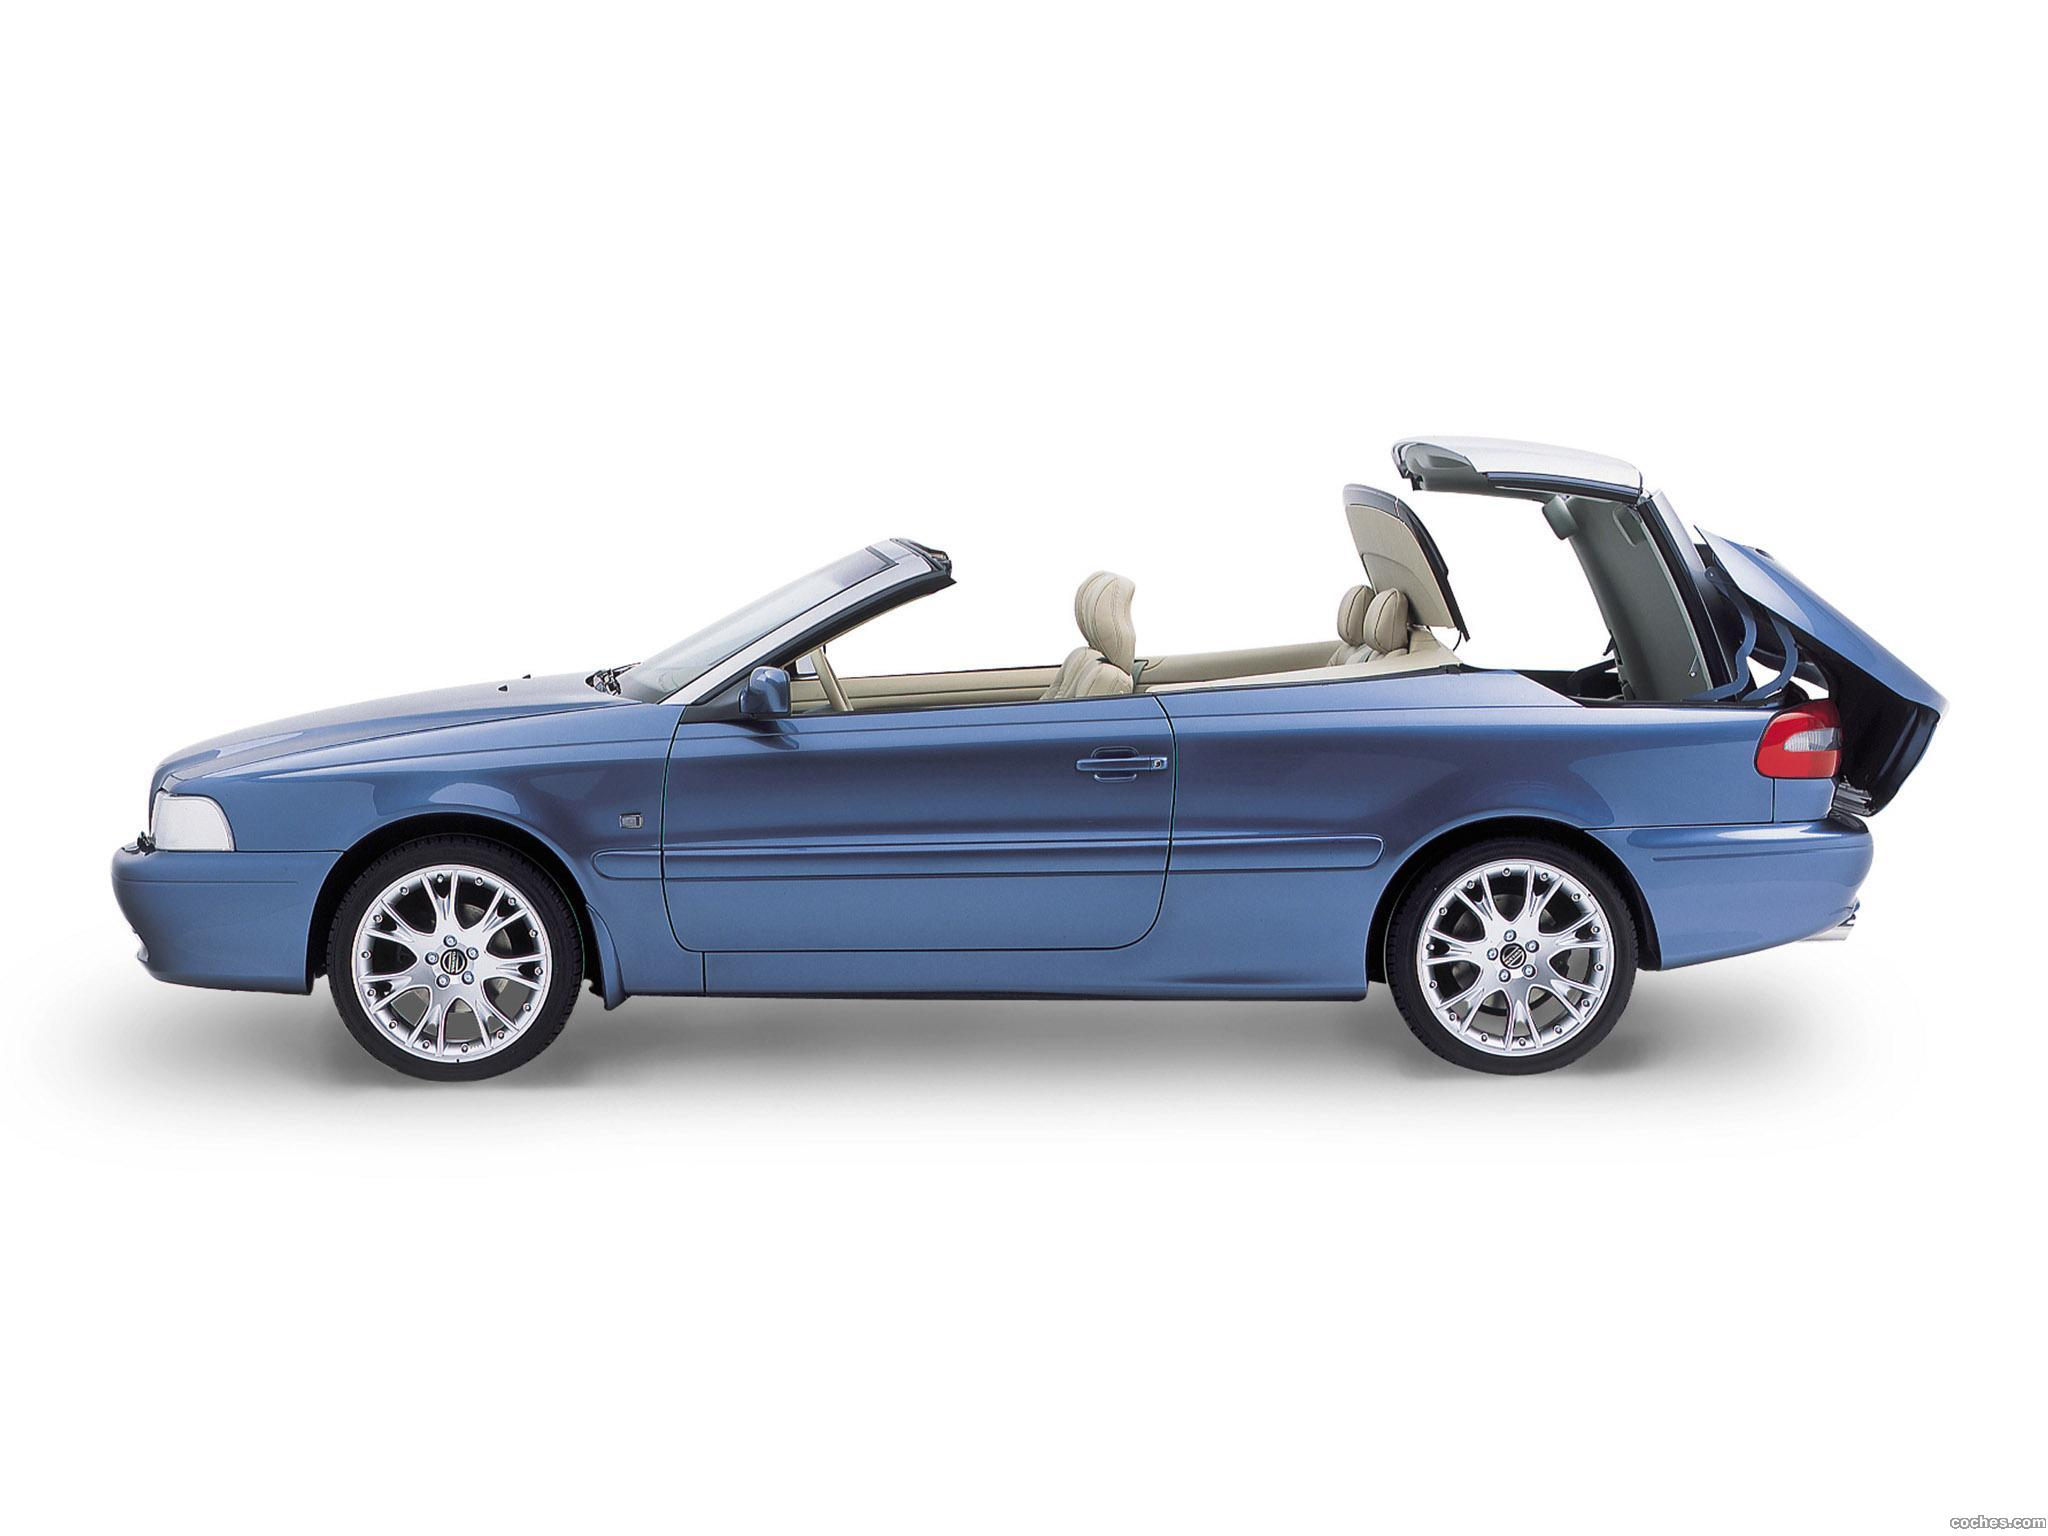 valmet_volvo-c70-coupe-cabriolet-2002_r2